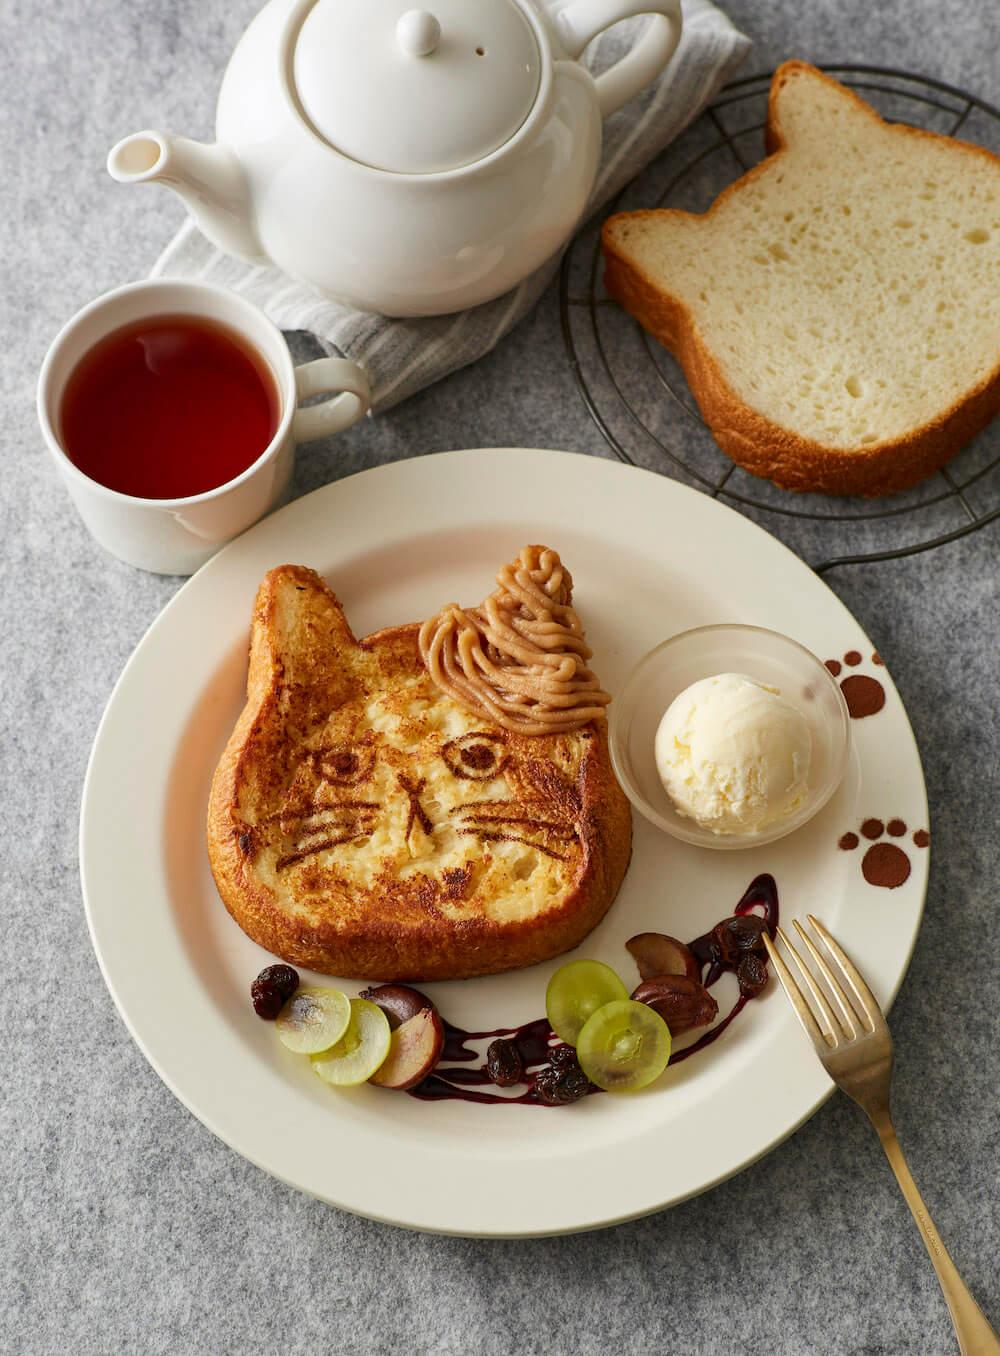 「ねこねこ食パンのフレンチトースト モンブランバニラ」商品イメージ